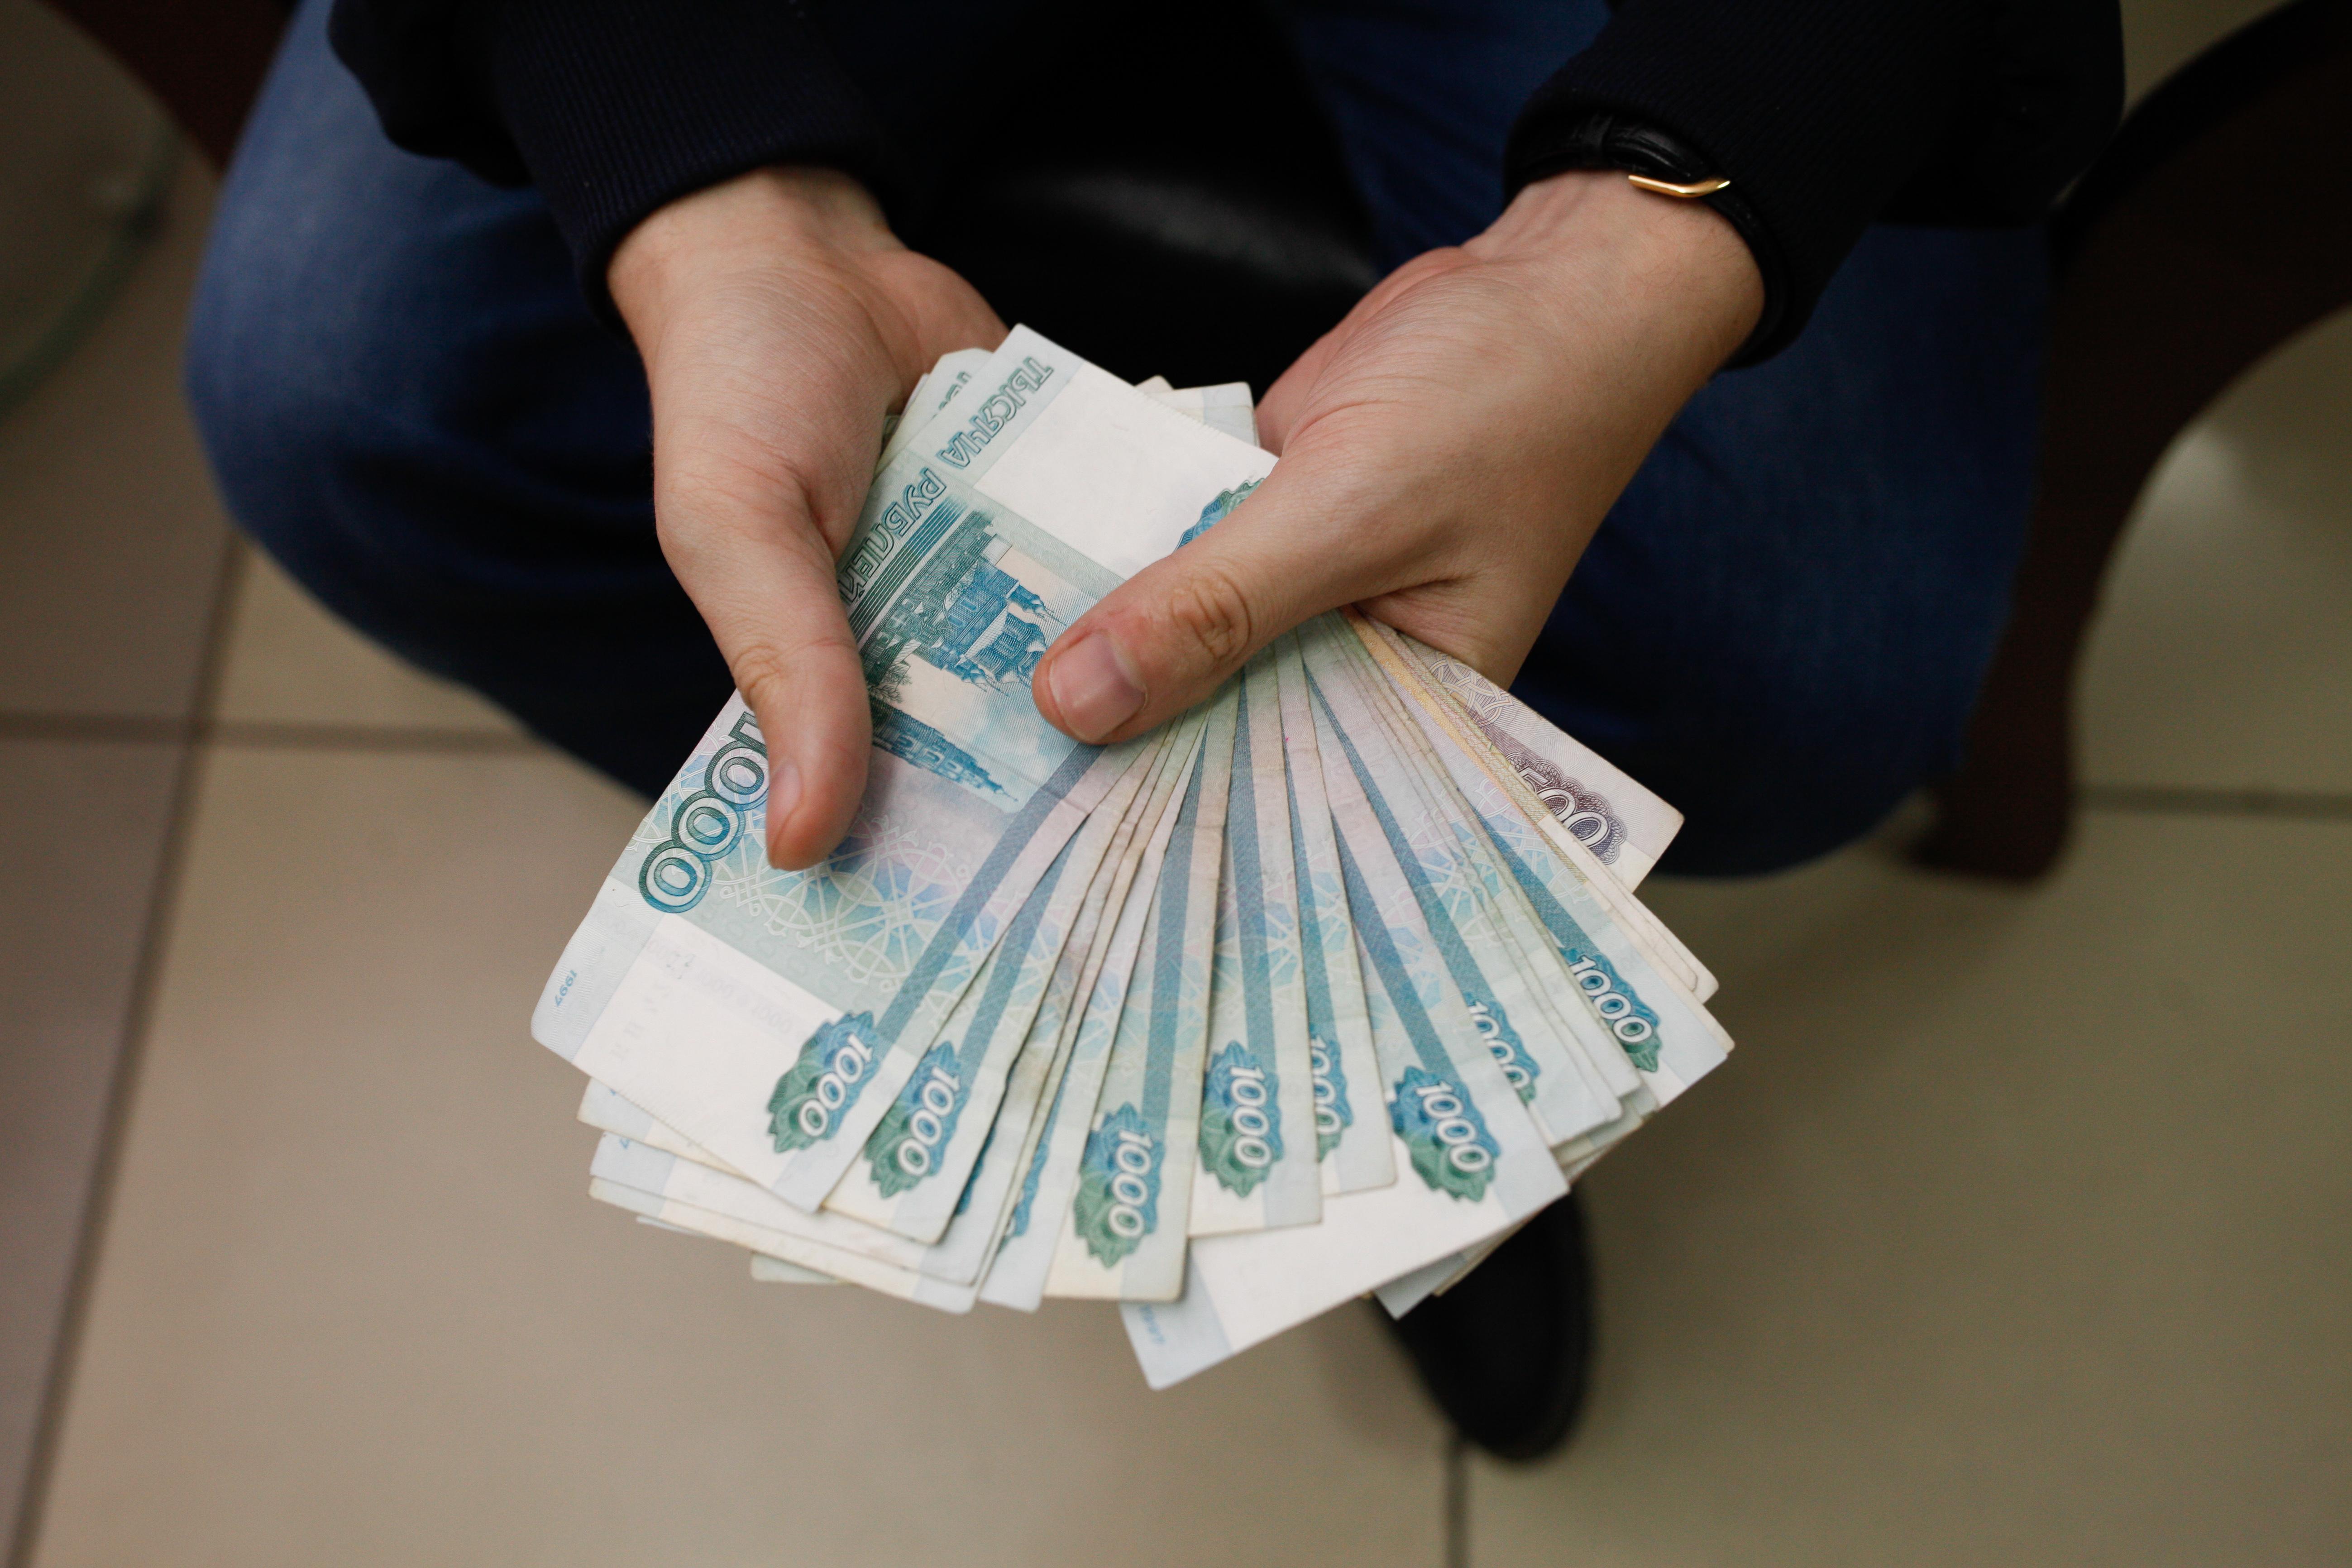 Житель Старицкого района обманом заполучил 85 тыс. рублей - новости Афанасий